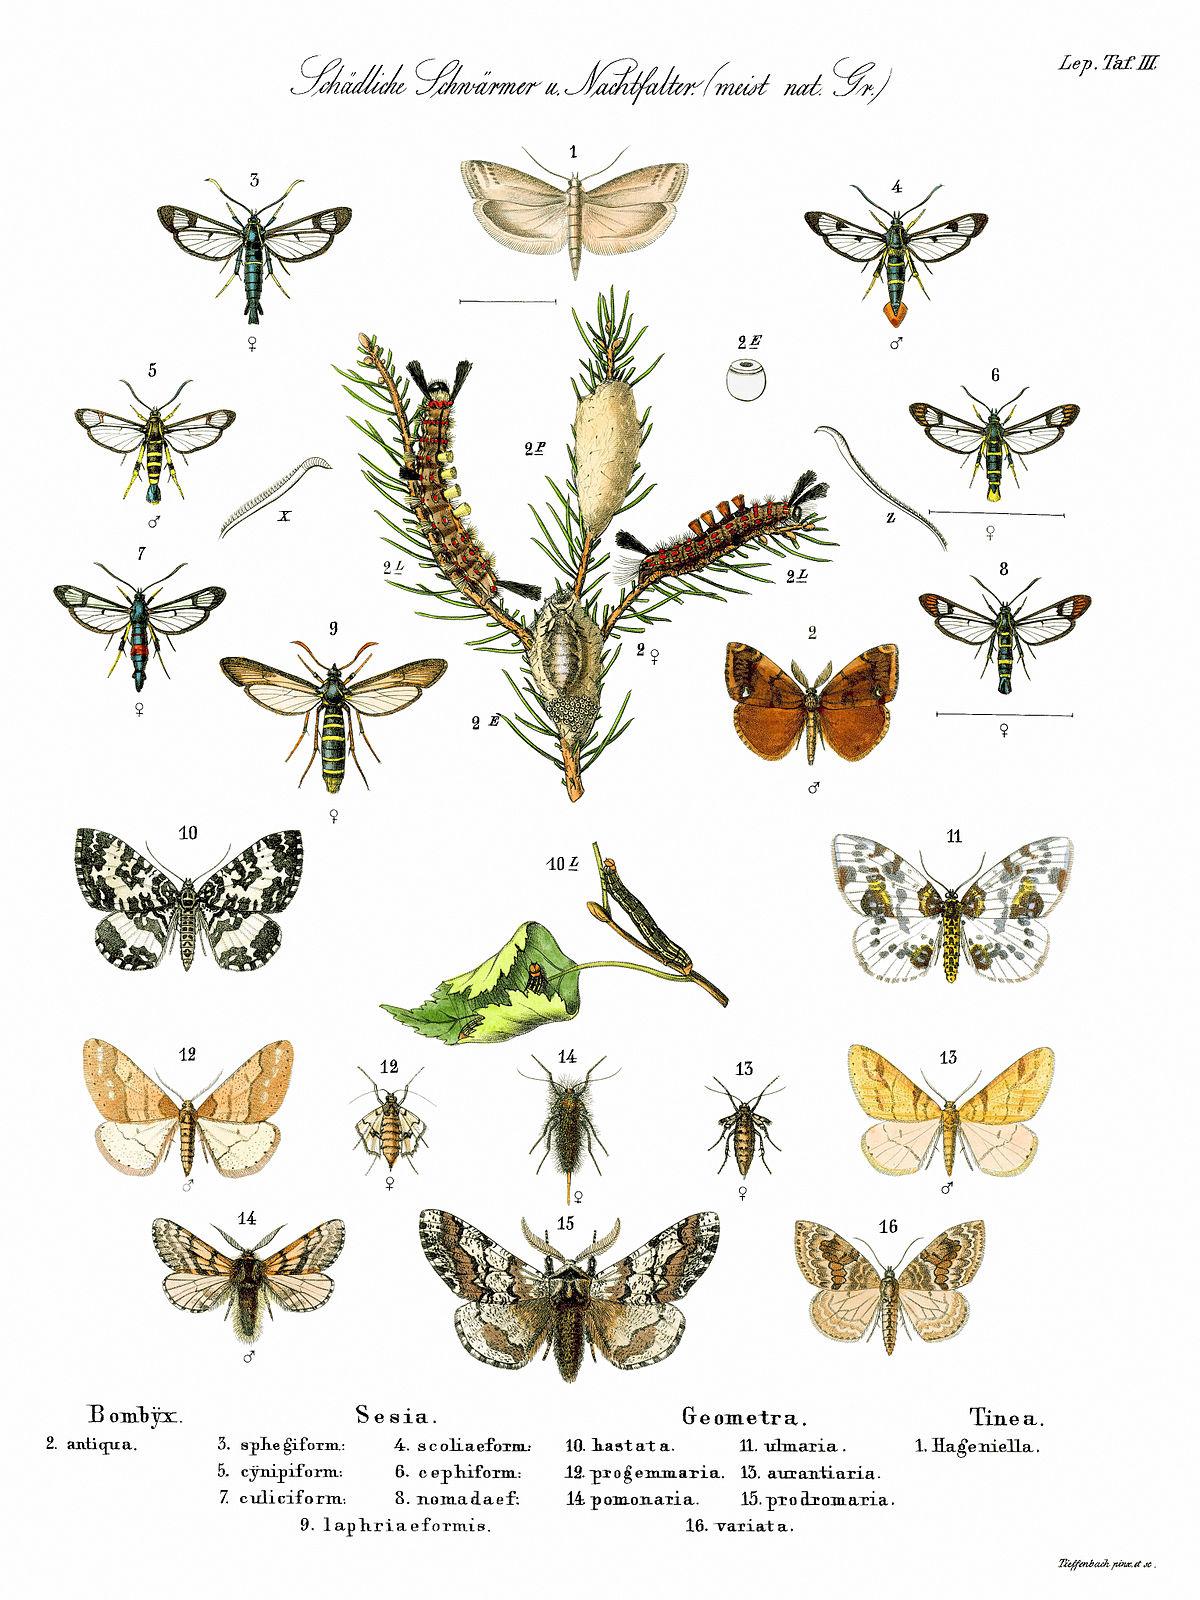 Schmetterlinge – Wikipedia